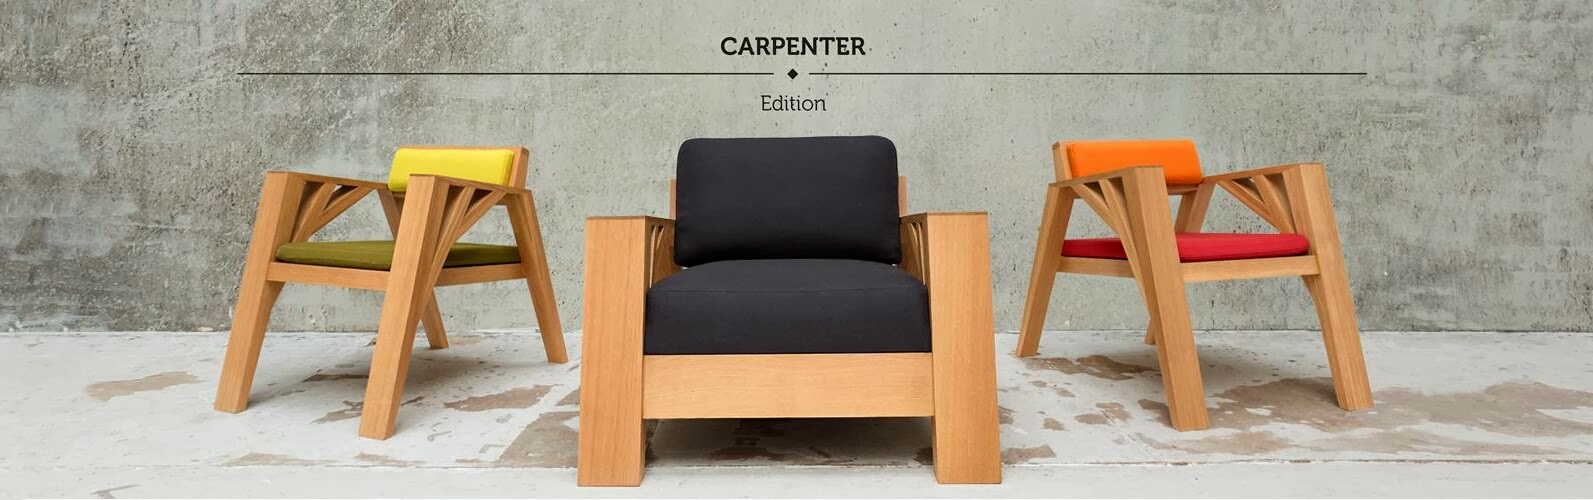 photo carpenter3_34_en-1